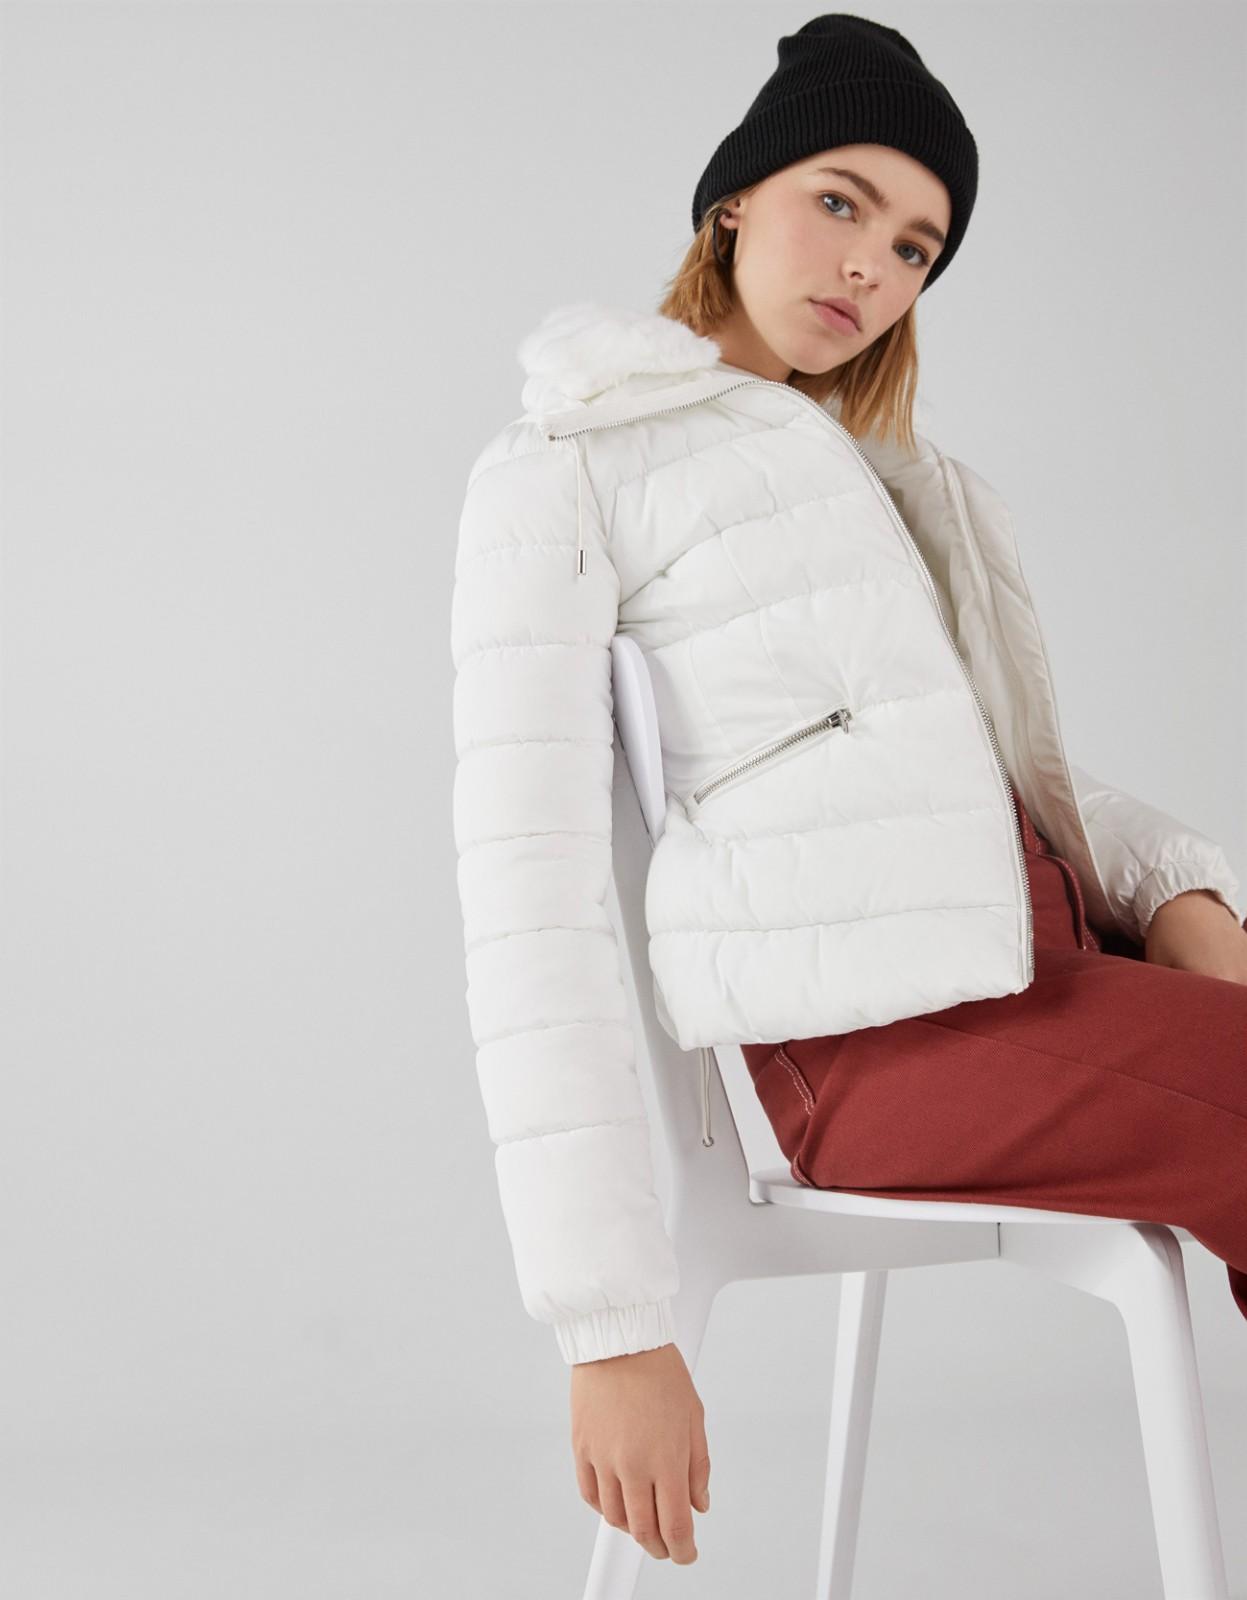 Bershka 巴适卡 06334085251 女士保暖短外套